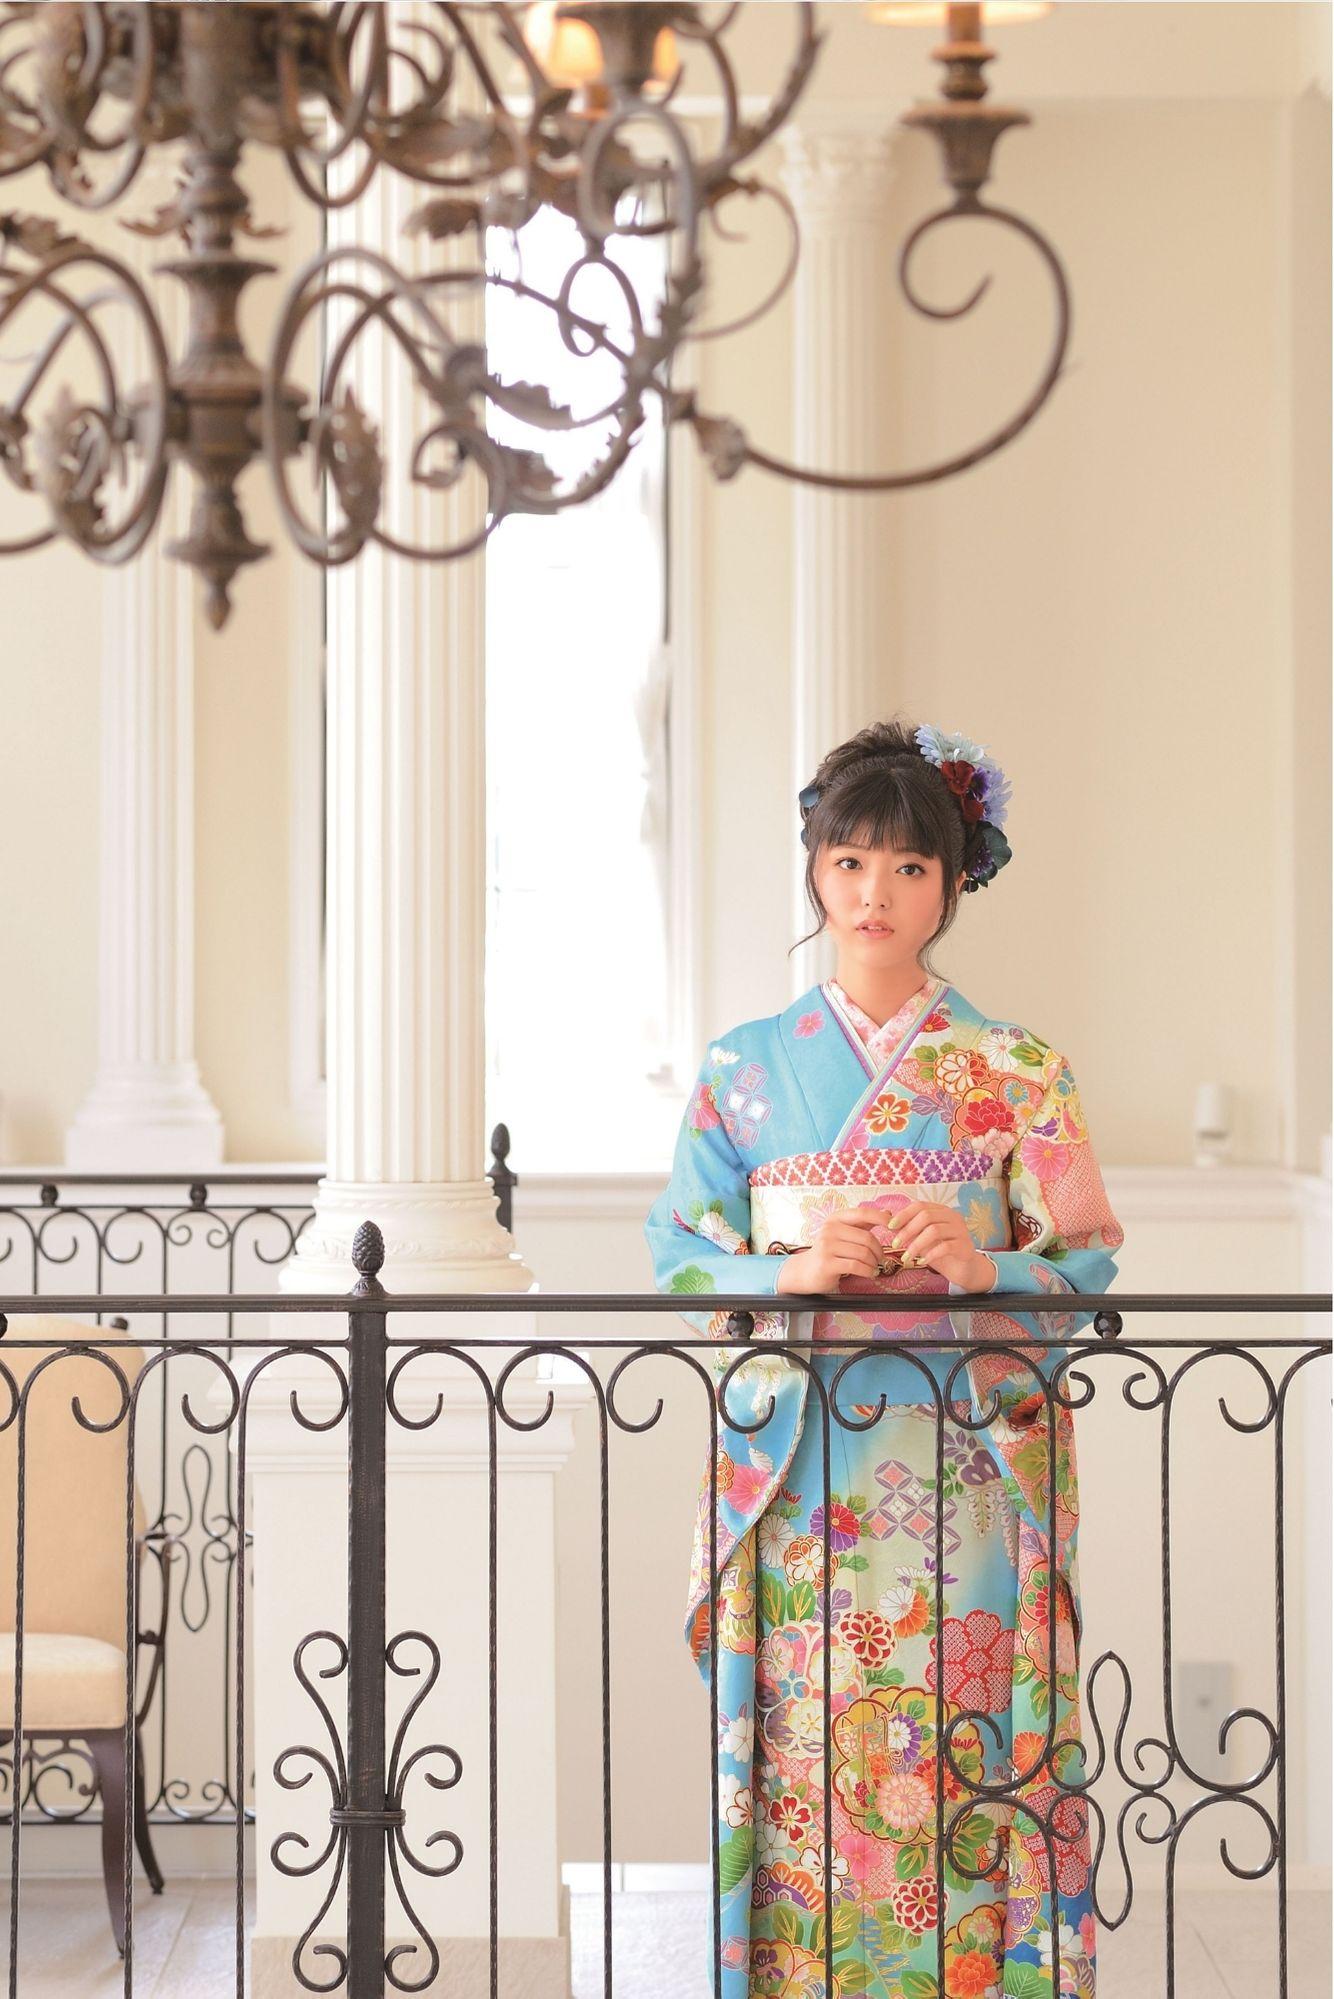 【重要】令和4年(2022年)堺市成人式の開催時間が発表されました!